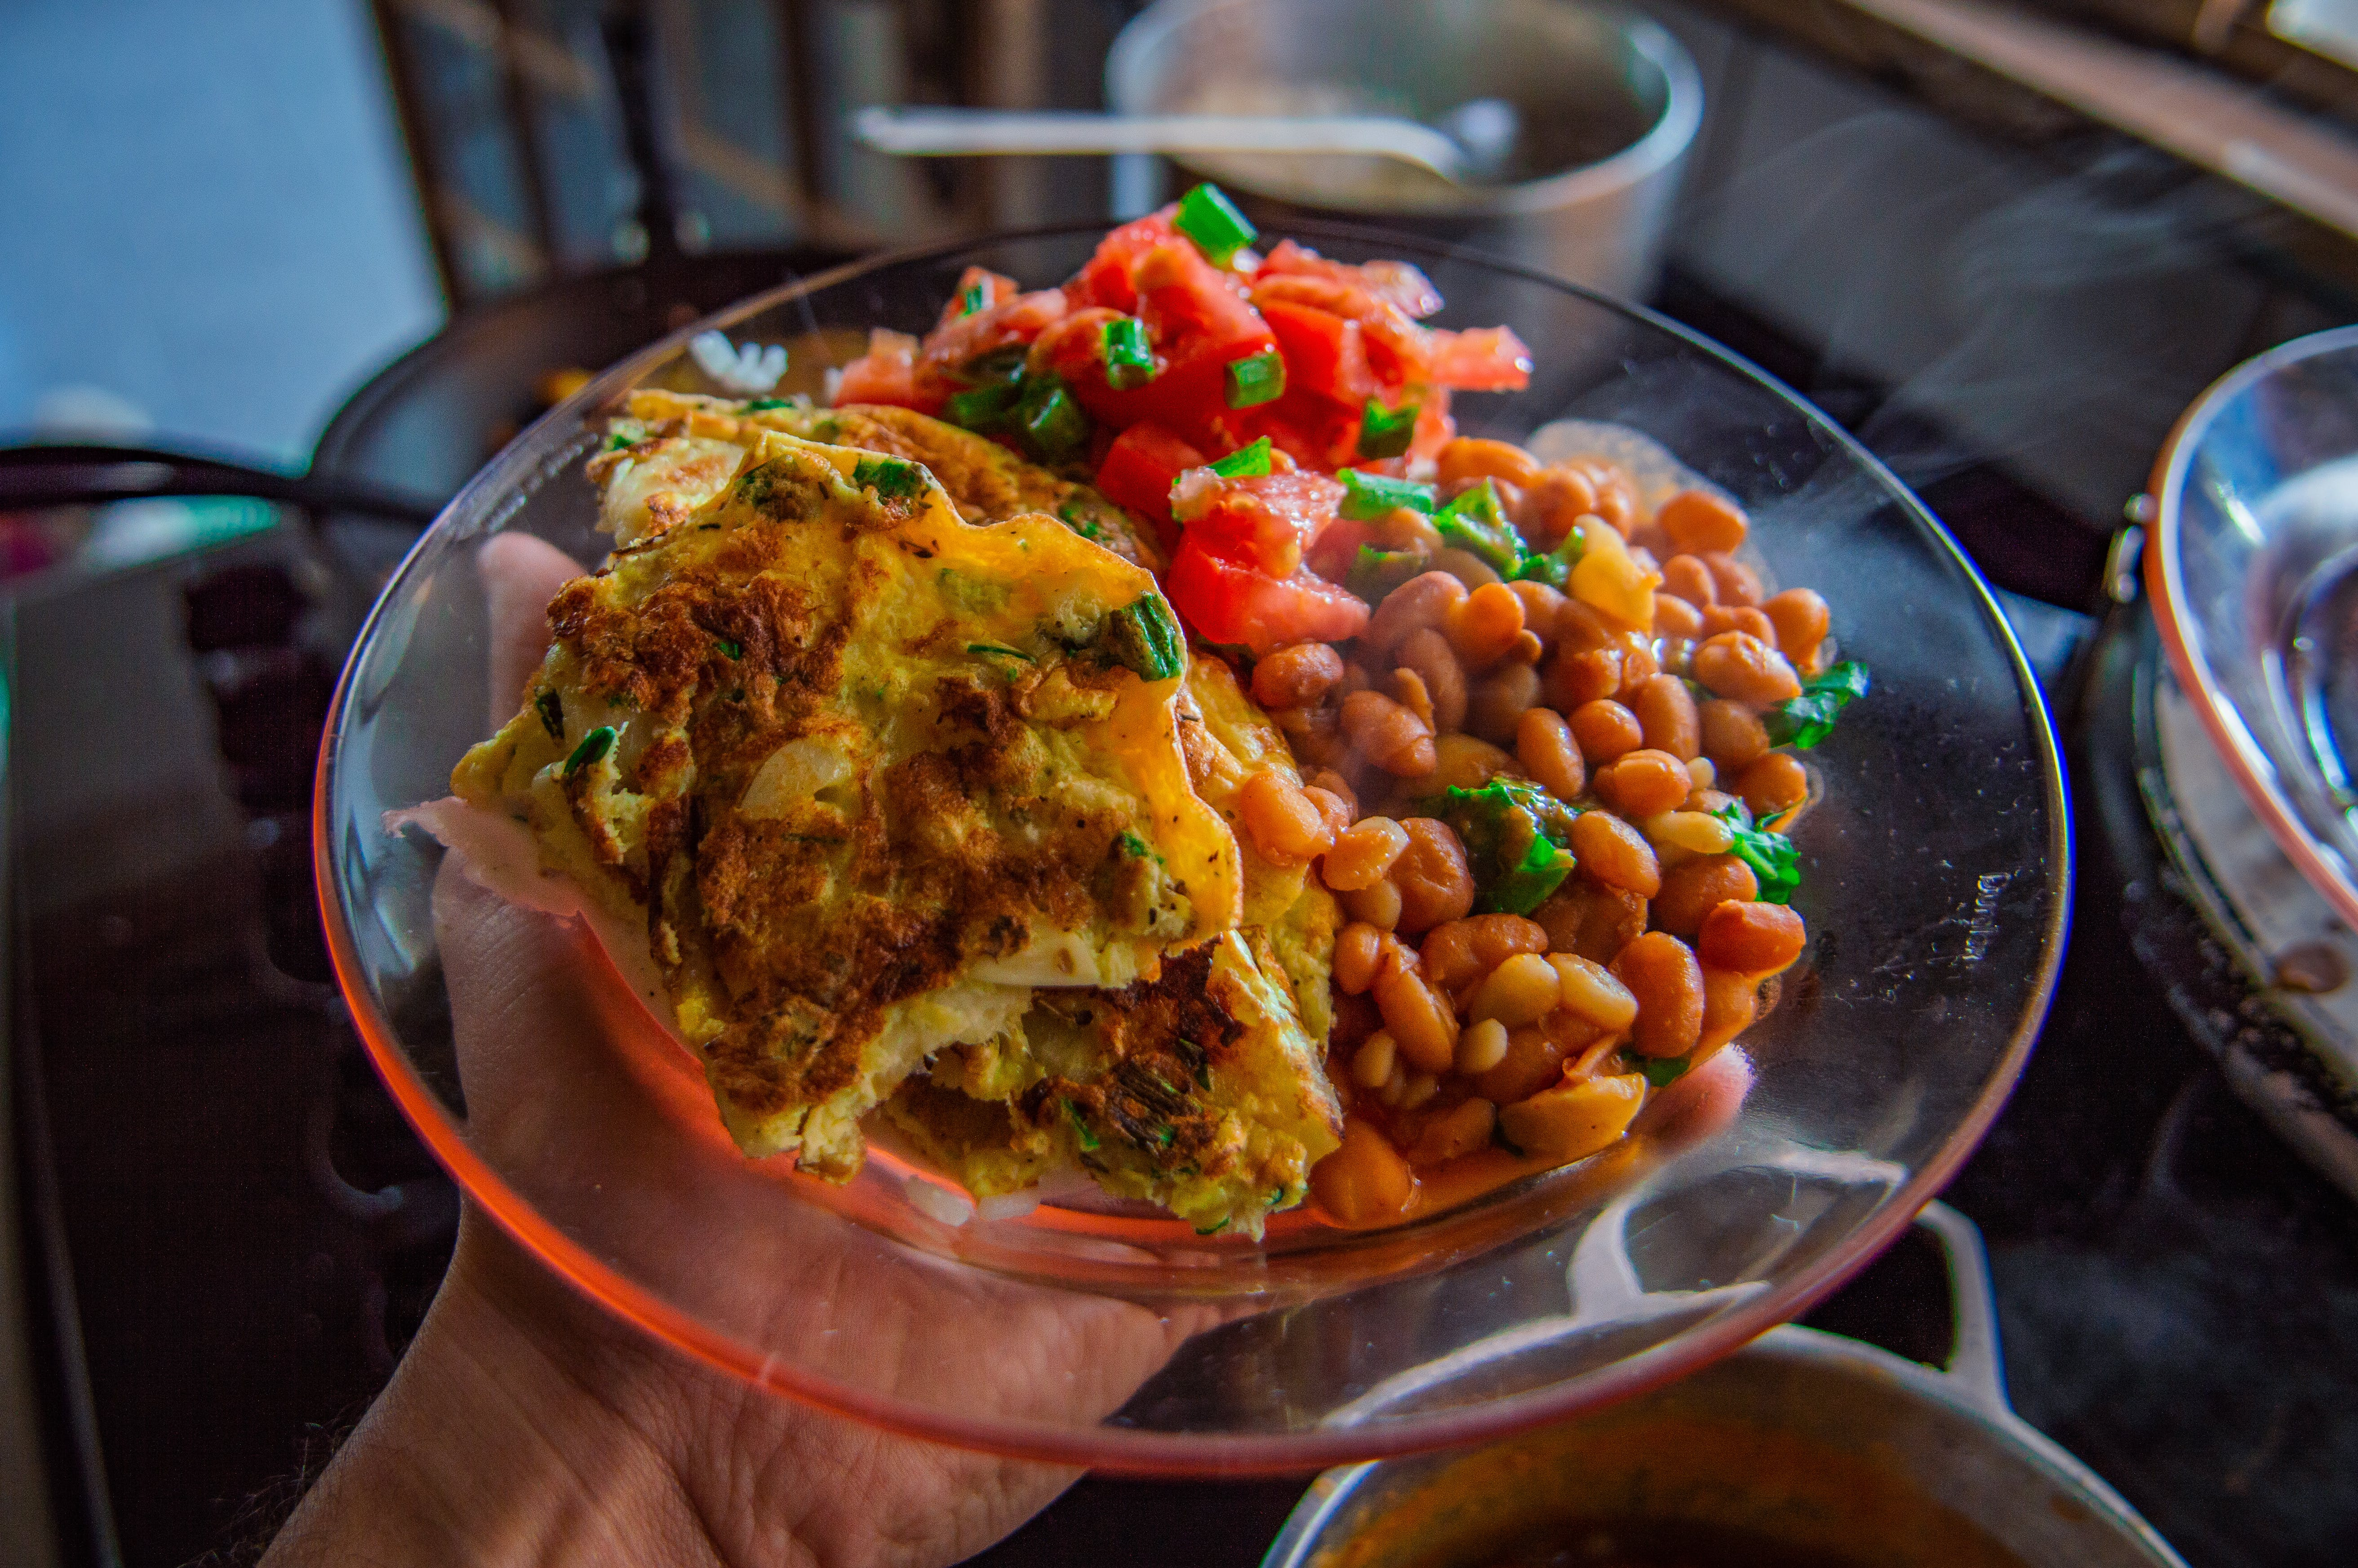 午餐, 可口, 可口的, 咖啡豆 的 免费素材照片